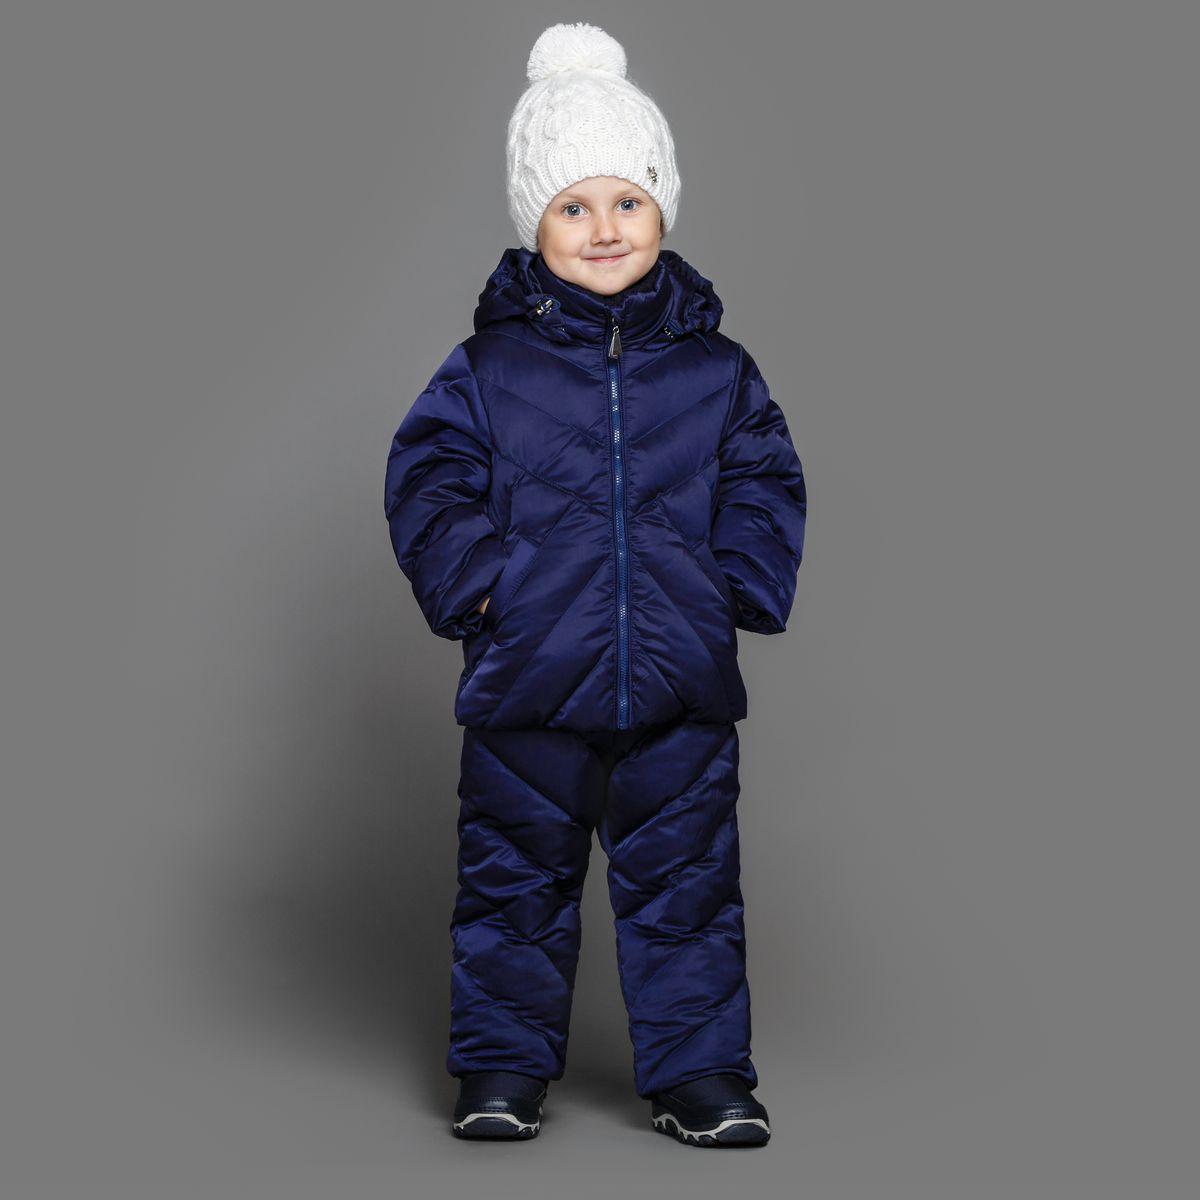 Комплект верхней одежды39-151Теплый комплект Ёмаё идеально подойдет для ребенка в холодное время года. Комплект состоит из куртки и полукомбинезона, изготовленных из водоотталкивающей ткани с утеплителем из синтепуха. Подкладка выполнена из полиэстера. Куртка застегивается на пластиковую застежку-молнию и дополнена капюшоном на кулиске. Низ рукавов с внутренними трикотажными манжетами - дополнительная защита от ветра и снега. Предусмотрены два прорезных кармана. Полукомбинезон с небольшой грудкой застегивается на пластиковую застежку-молнию и имеет наплечные лямки с пластиковым карабином, регулируемые по длине. Спереди он оформлен двумя втачными кармашками. На талии предусмотрена широкая эластичная резинка, которая позволяет надежно заправить в брюки водолазку или свитер. Снизу брючины дополнены внутренними манжетами с настроченной эластичной тесьмой с латексной нитью (антискользящая), которая фиксирует брючины на сапогах и предохраняет от попадания снега. Все молнии с внутренними...